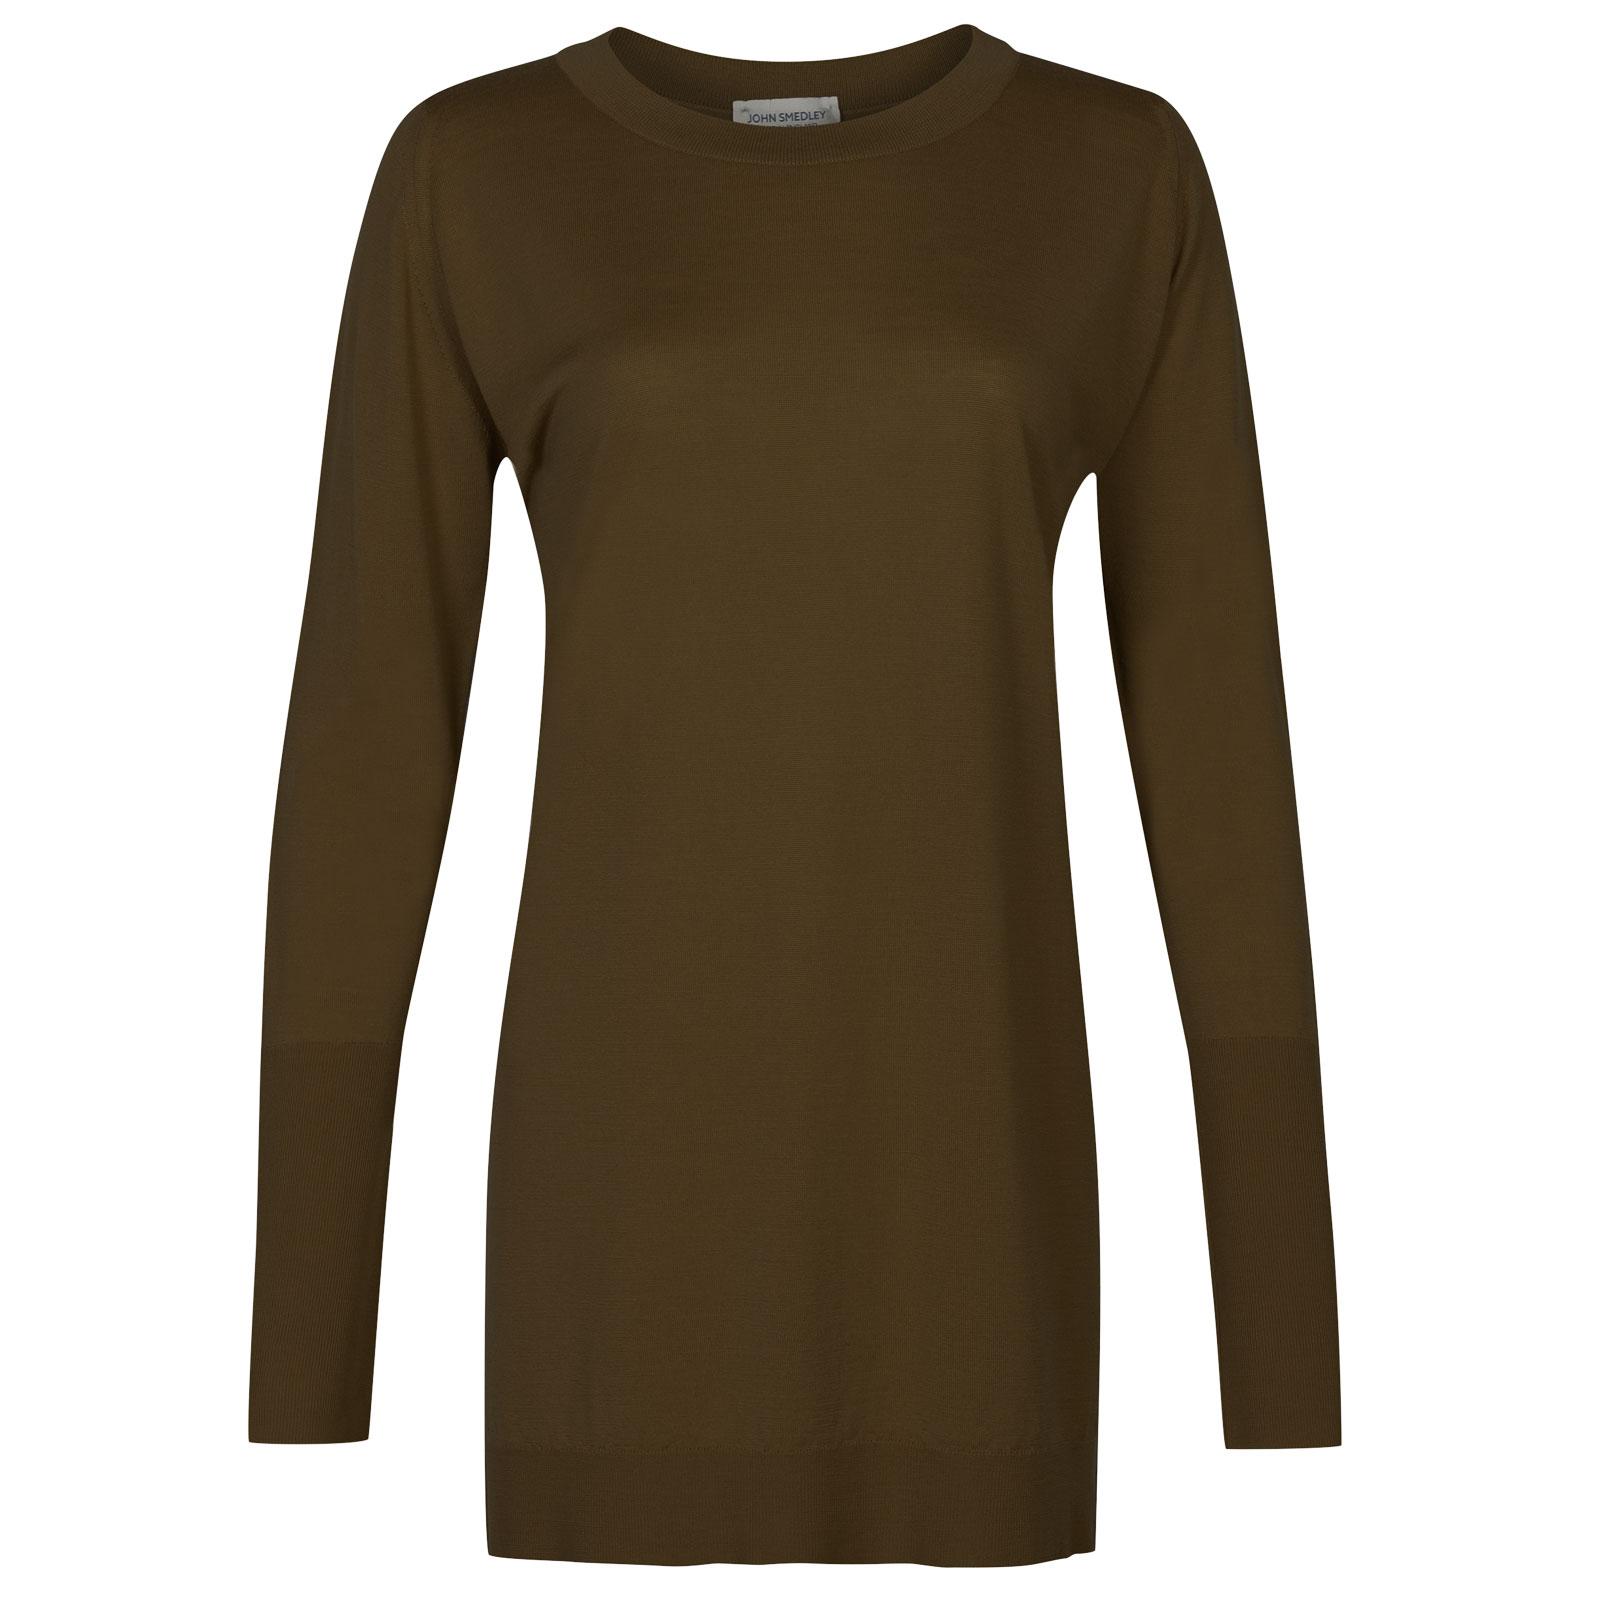 John Smedley molloy Merino Wool Sweater in Kielder Green-S